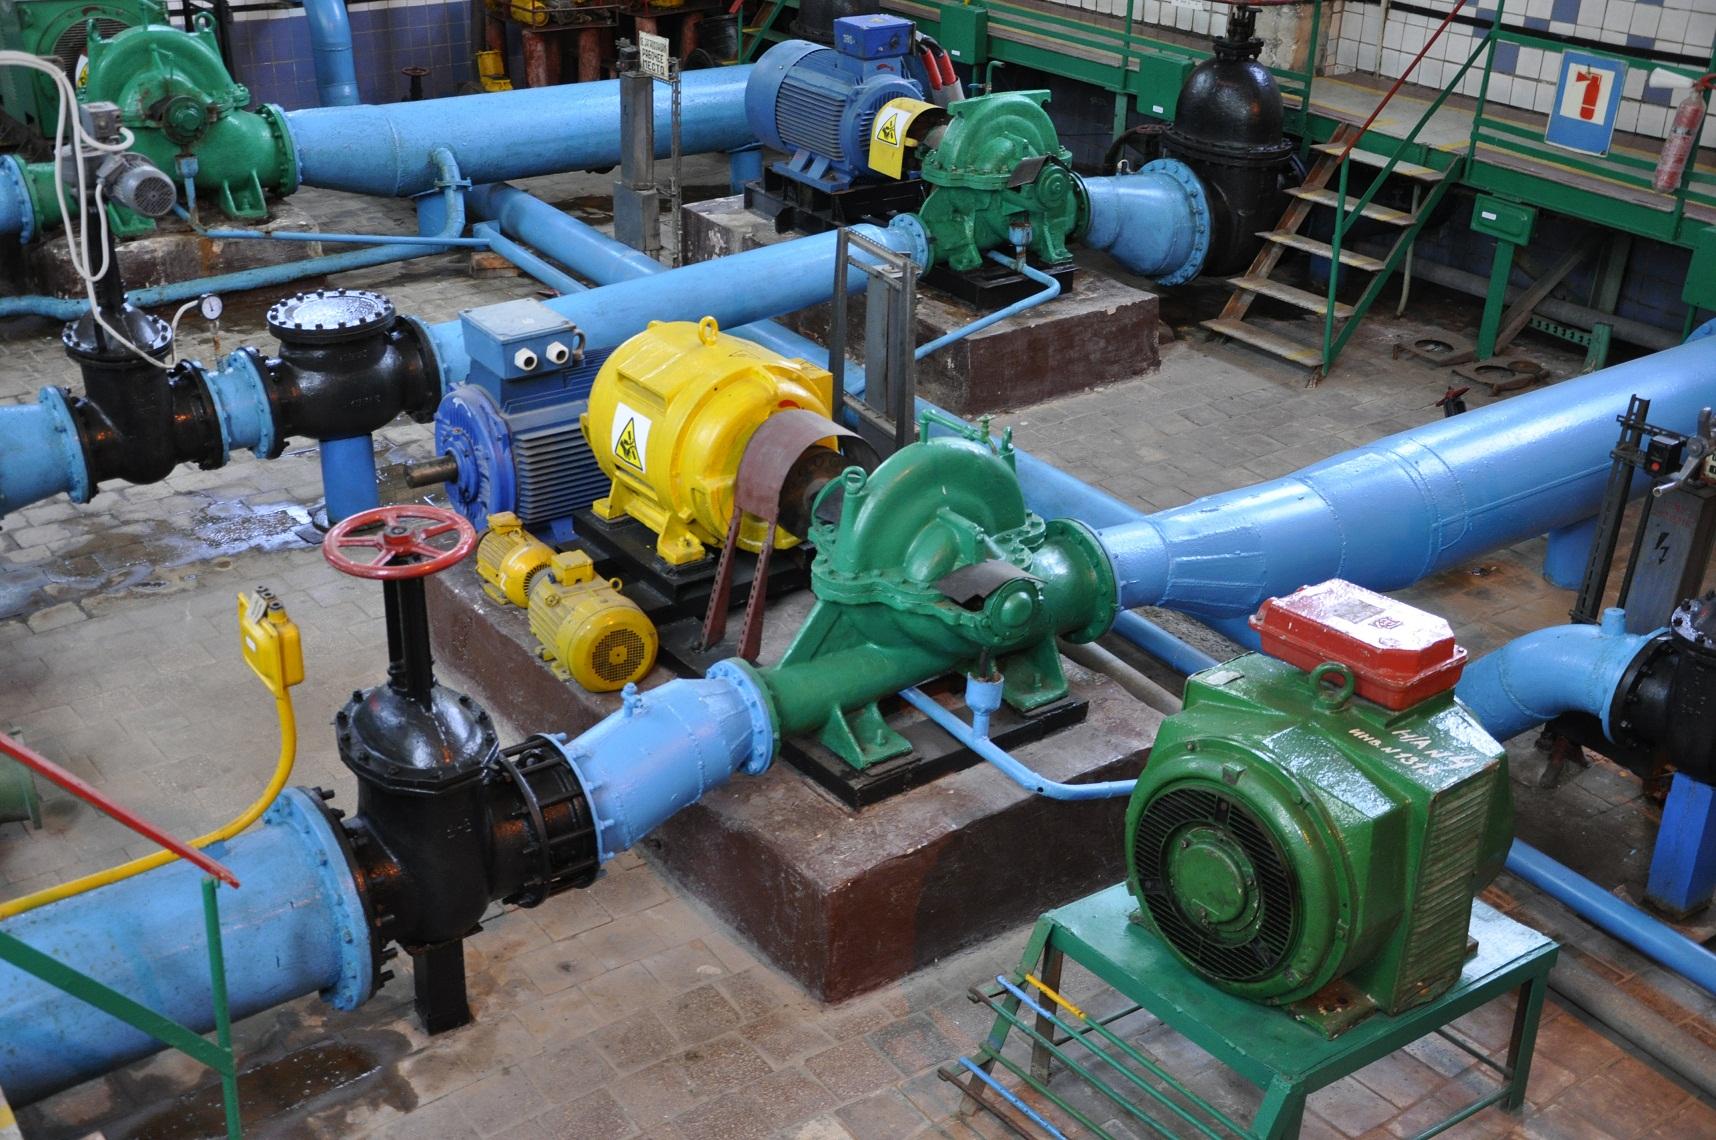 29 апреля специалисты осуществят ремонт оборудования на Лутугинской насосной станции